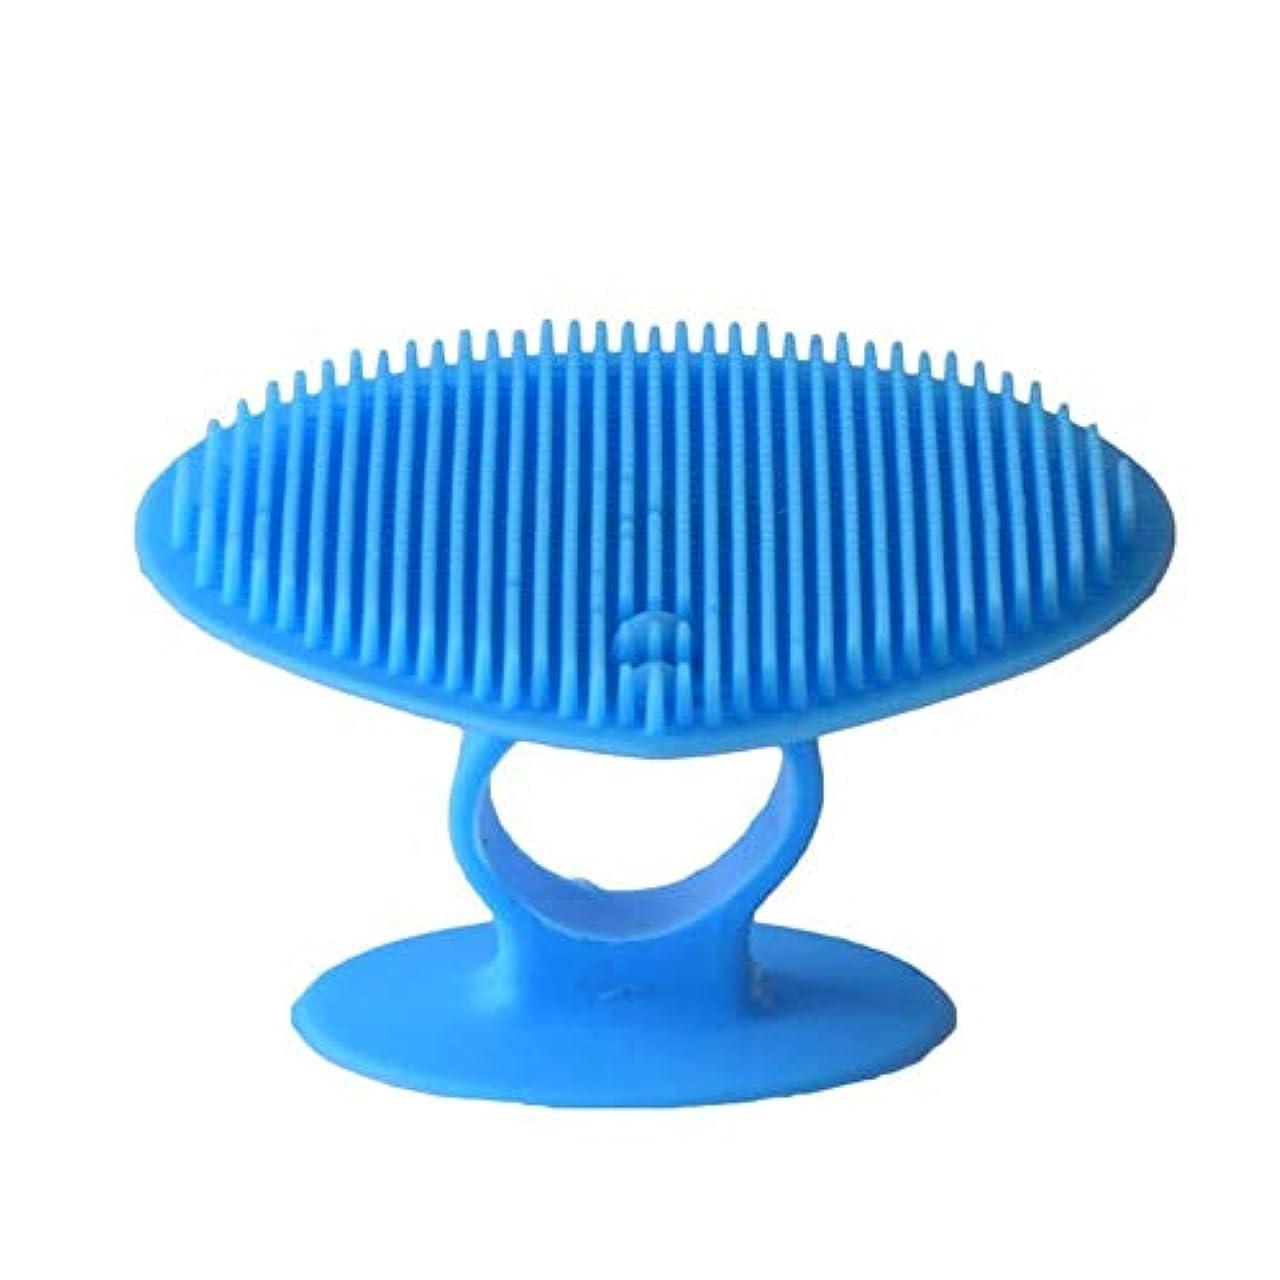 比類のないラテンイヤホン洗顔ブラシ ソフトシリコンフェイスクリーニングブラシマニュアルフェイシャルマッサージブラシハンドヘルドマットスクラバーメイクアップブラシフェイスエクスフォリエーター ディープクレンジングスキンケア用